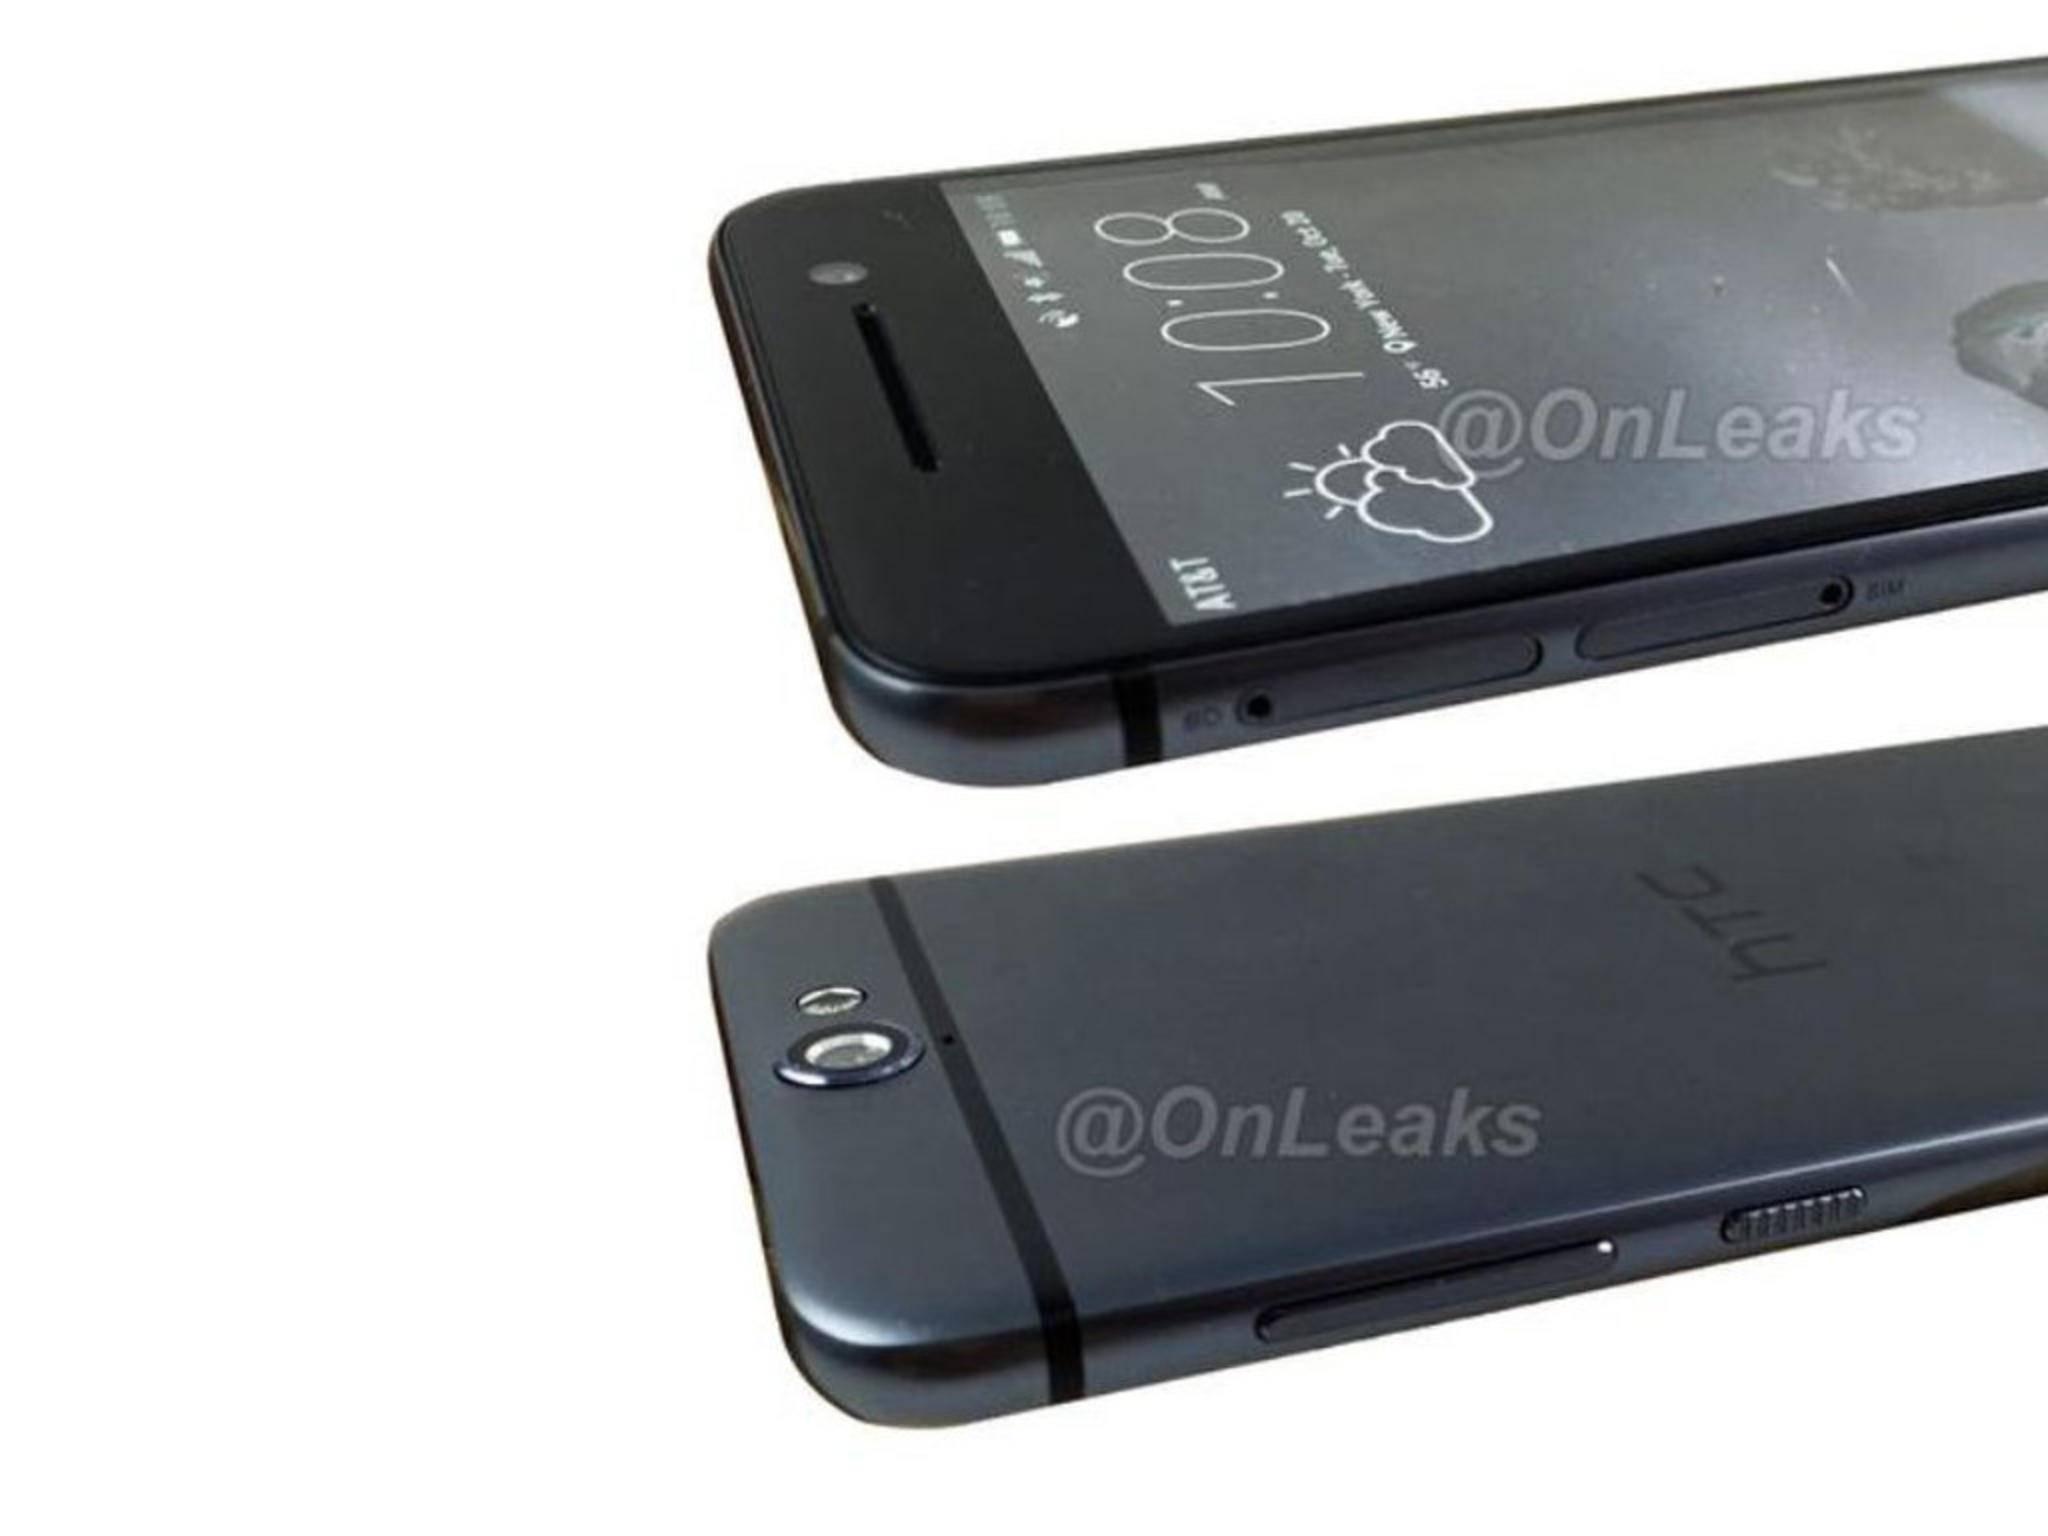 OnLeaks veröffentlichte die bisher besten Vorab-Bilder des HTC (One) A9.